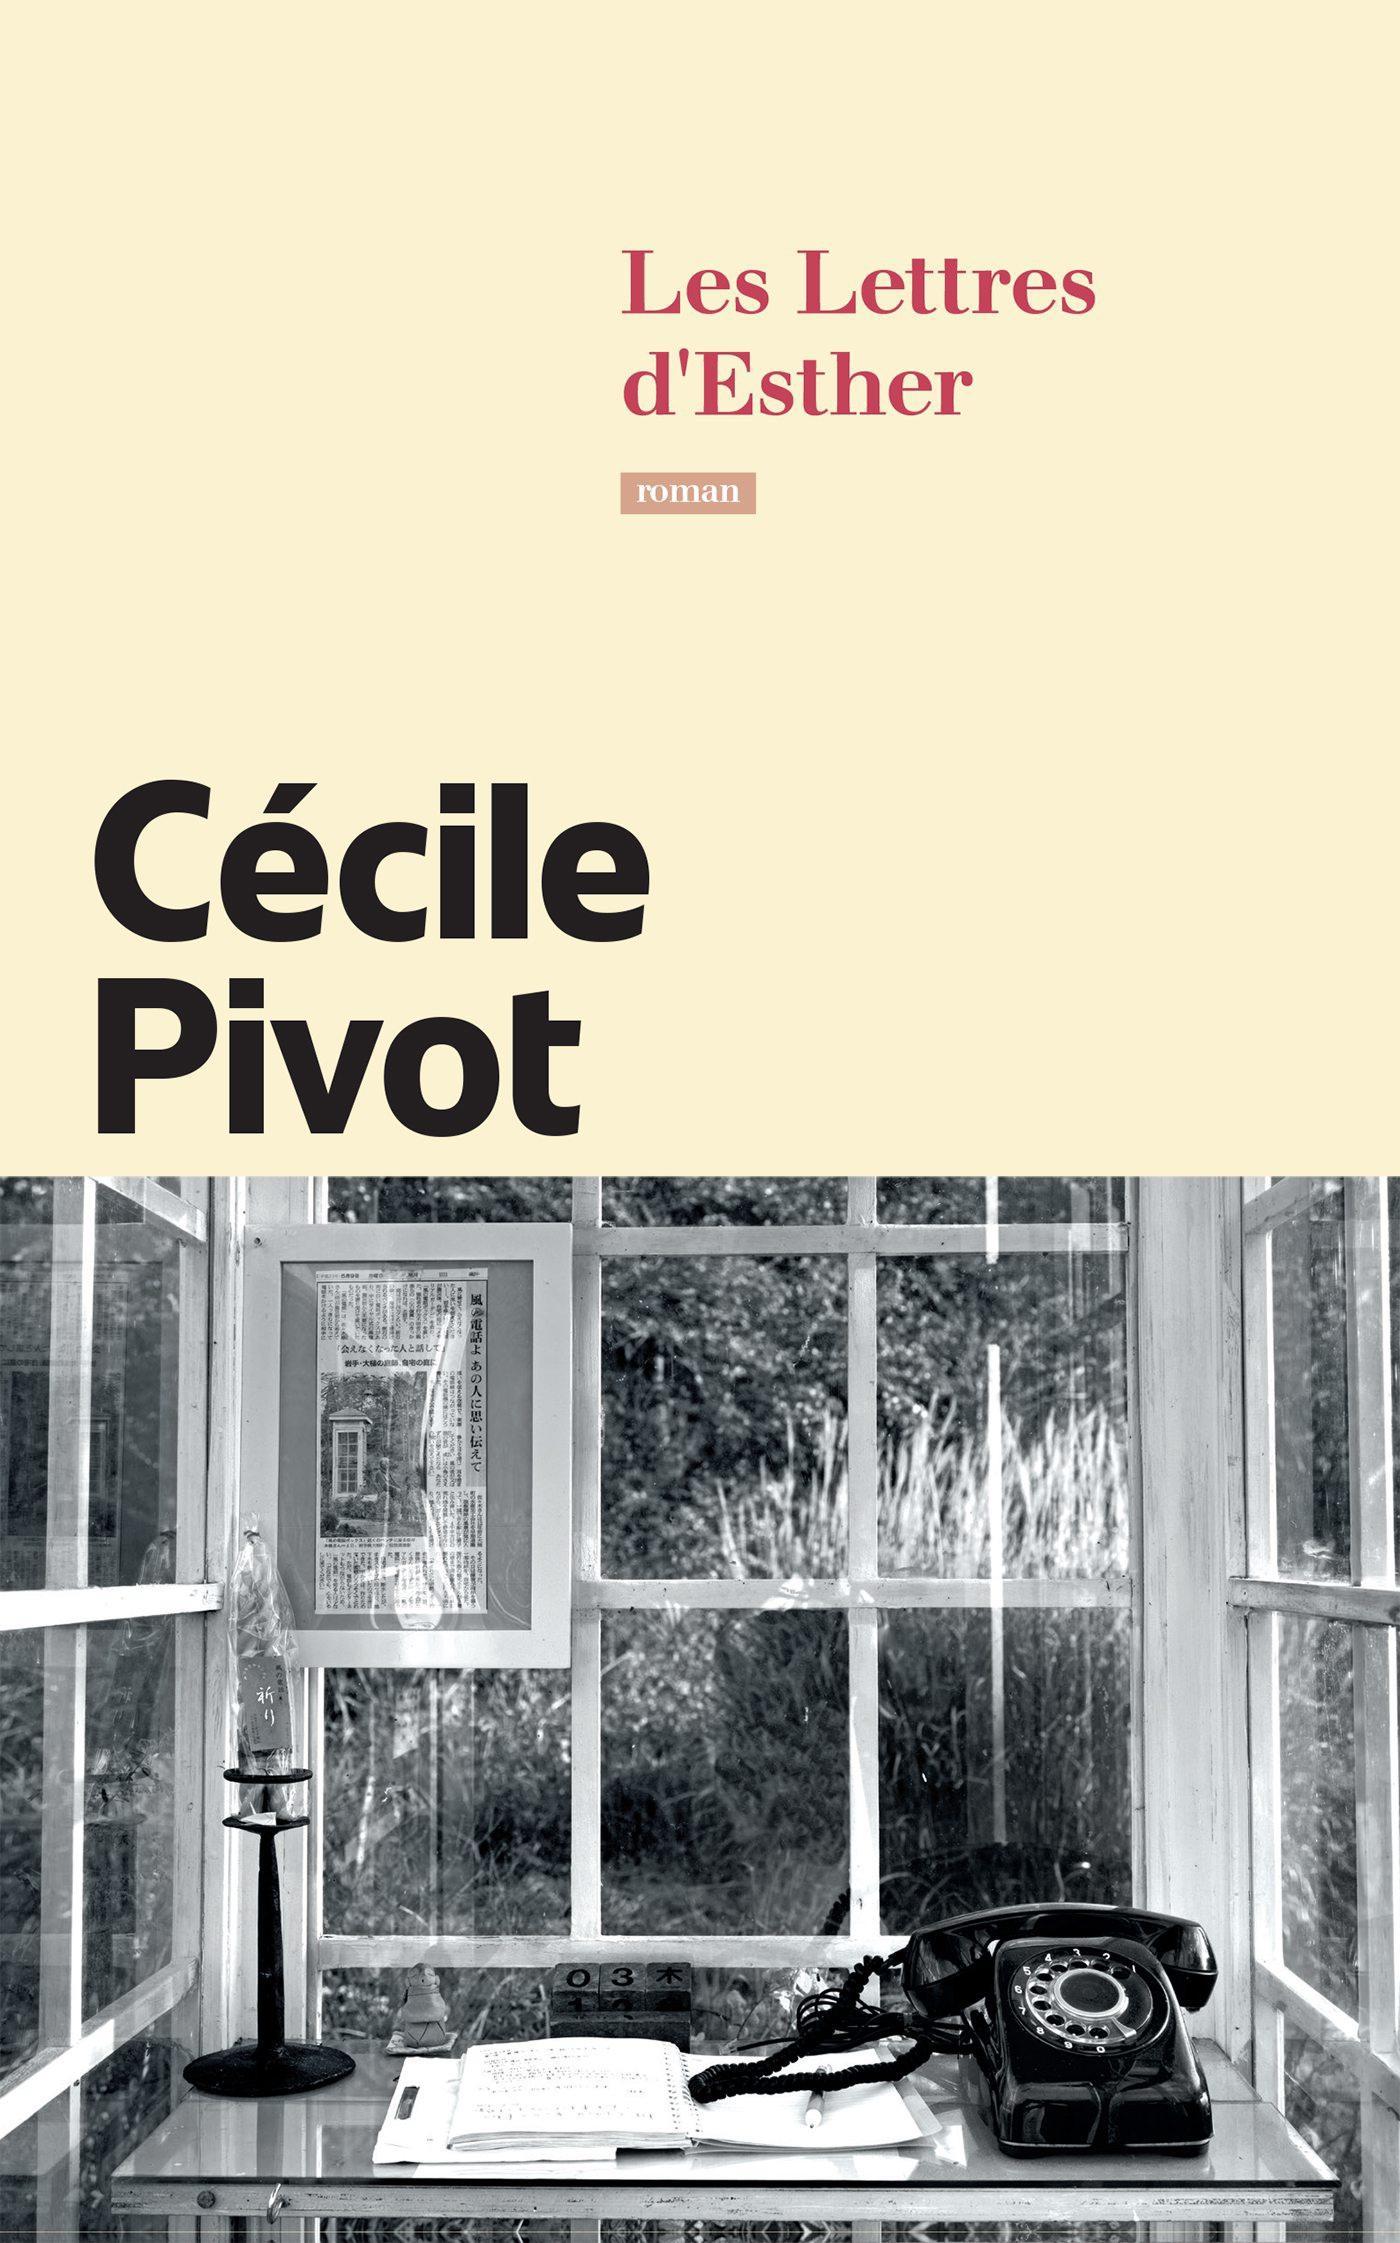 es Lettres d'Esther. Cécile Pivot. Calmann Lévy. 311 pages. 19,50€